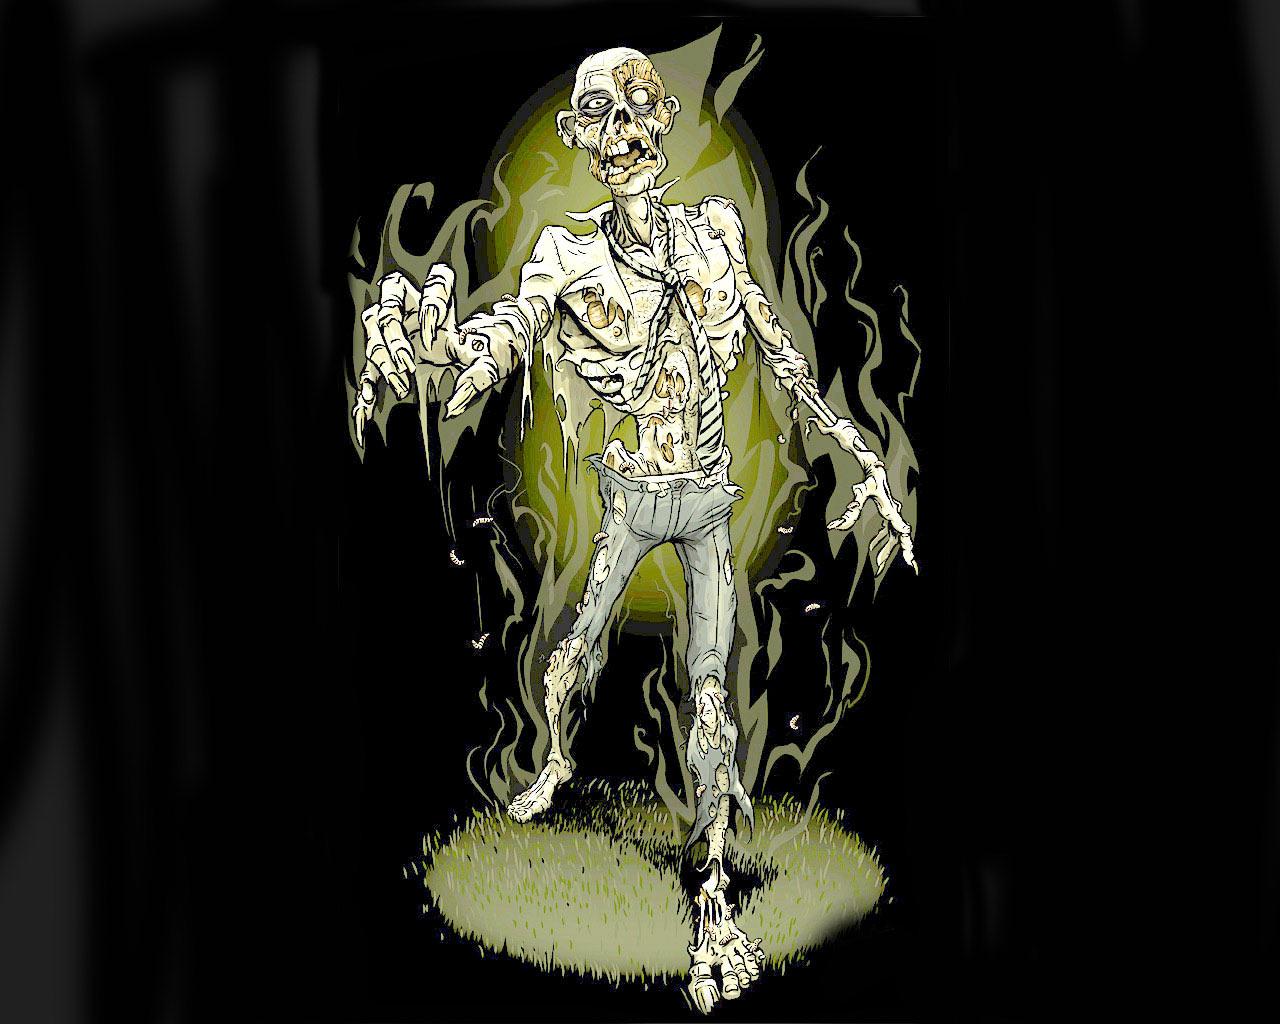 http://3.bp.blogspot.com/-eAHDh08ZeUQ/ToWSWxk-YKI/AAAAAAAAHFk/GA9dQwwUuNs/s1600/scary_wallpaper_zombie_picture05.jpg